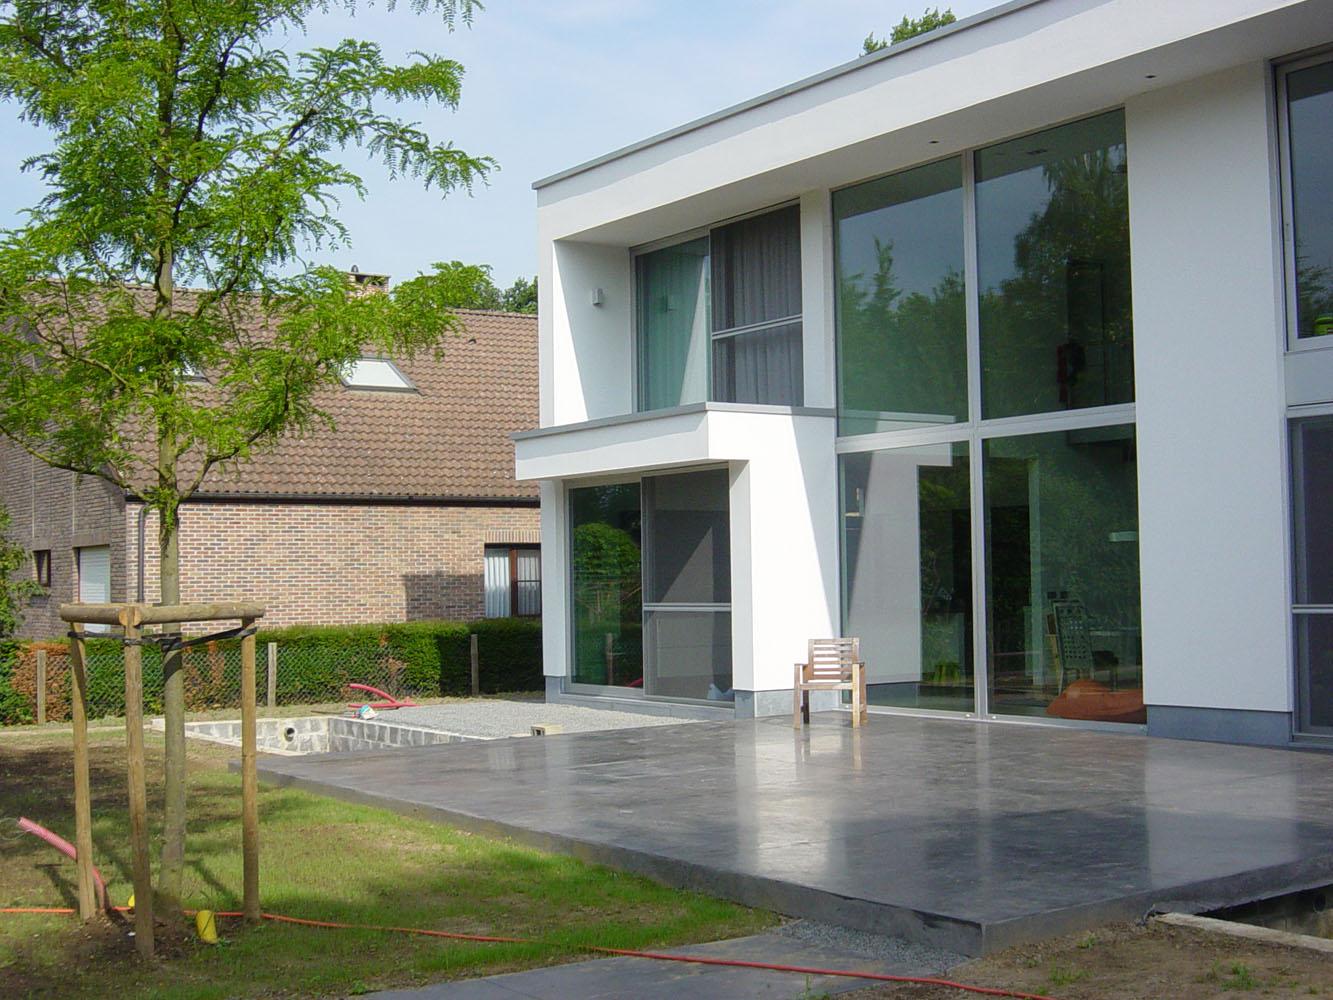 Design tuinen voorbeelden. excellent strakke amp moderne tuinen